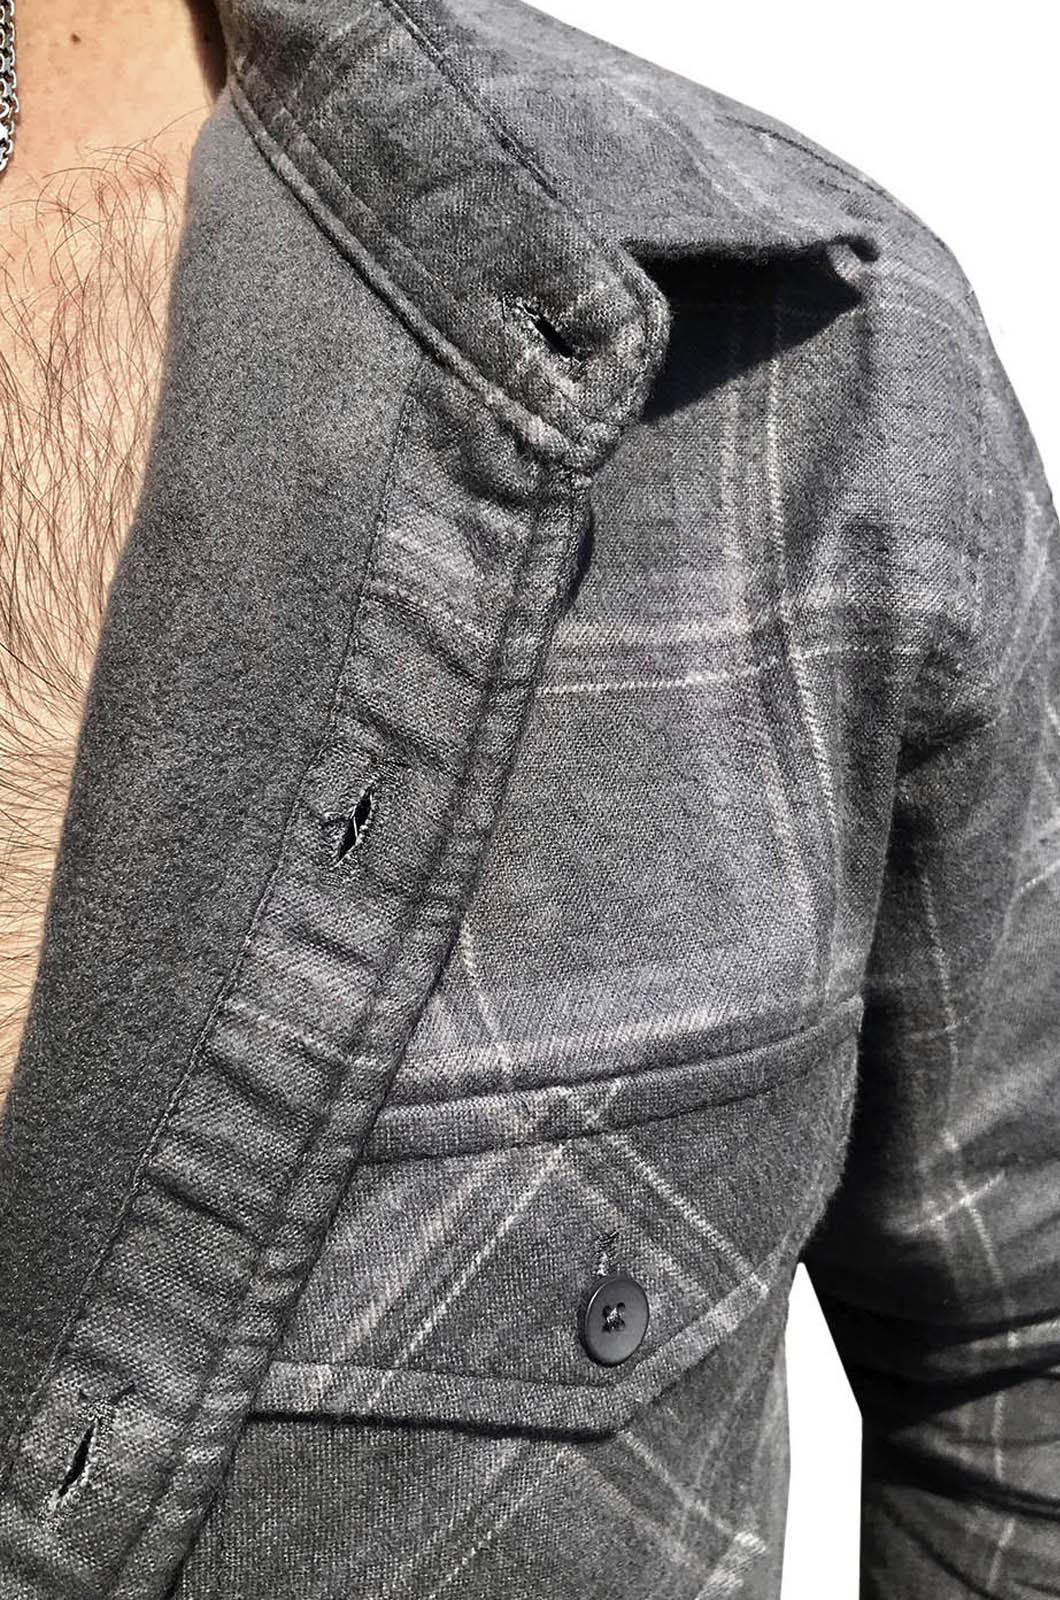 Мужская теплая рубашка с вышитым шевроном Новороссия - купить в Военпро